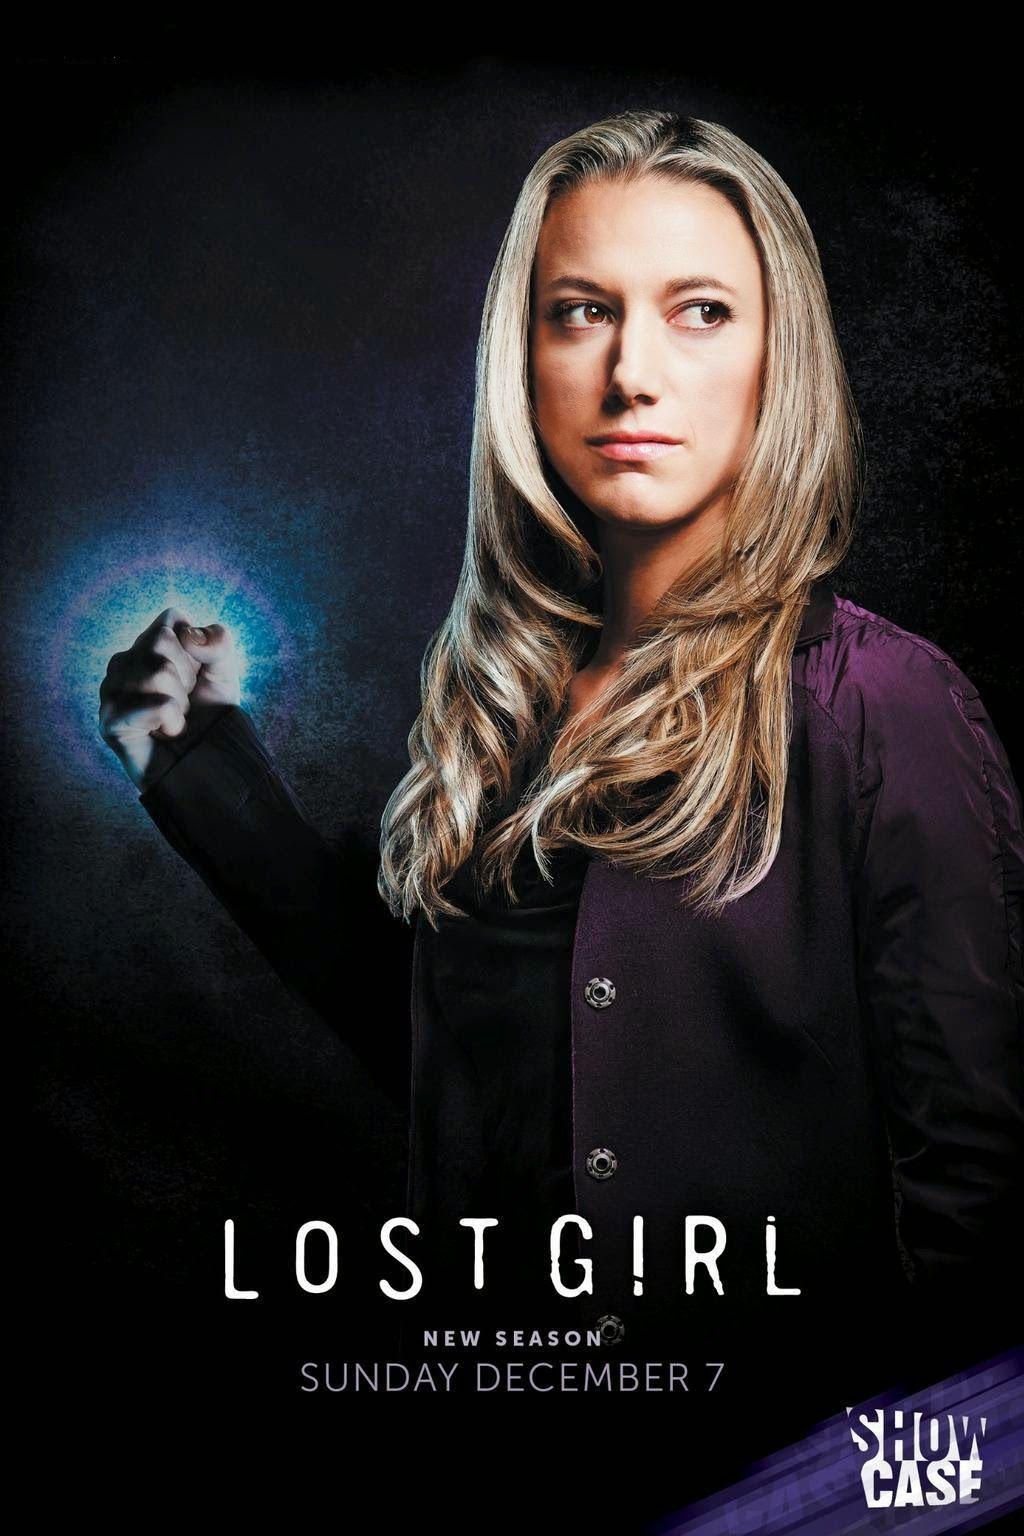 Lauren Lost Girl Season